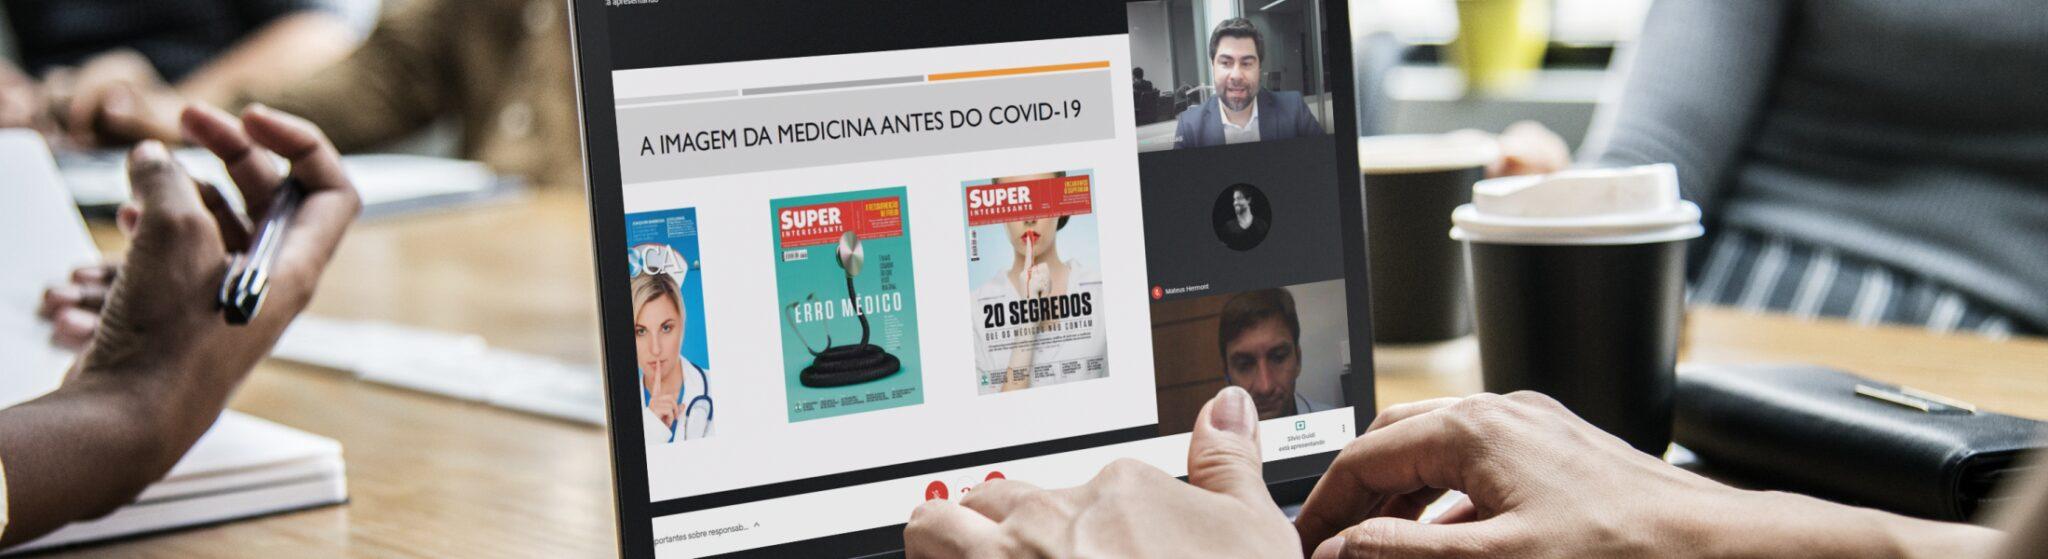 Responsabilidade médica em tempos de Covid-19 é tema de webinar realizado pelo Vernalha Pereira